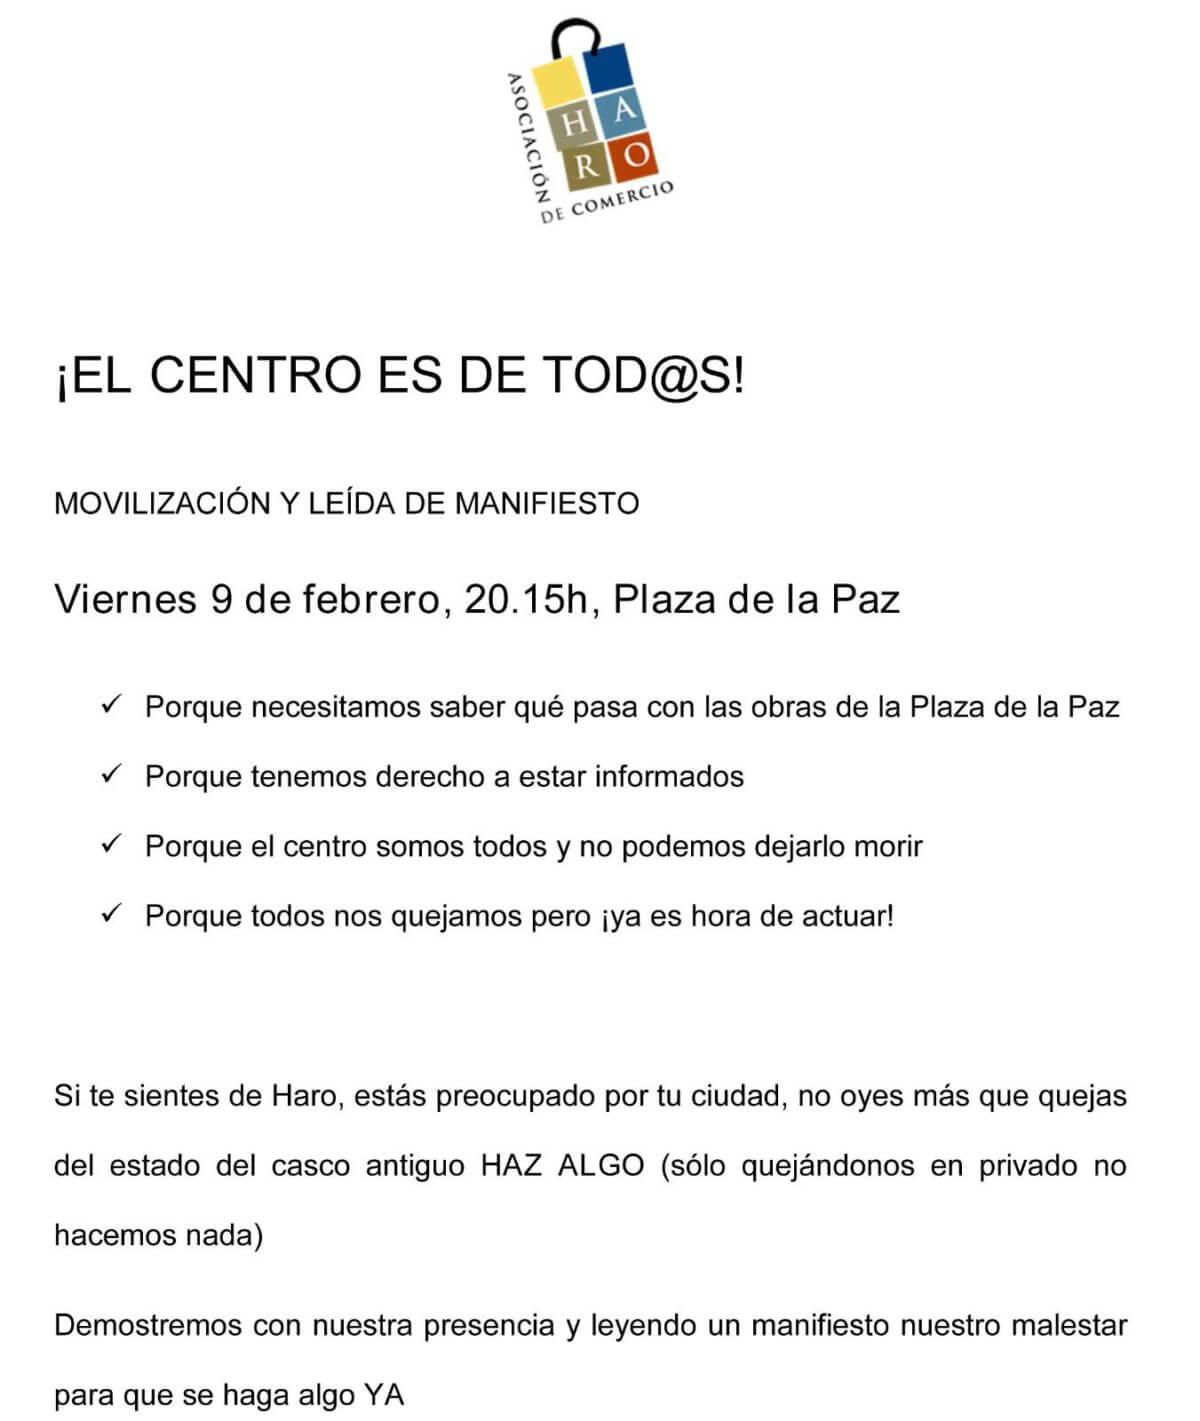 ACCIRA convoca una movilización en respuesta a los retrasos de las obras de la plaza de la Paz 3